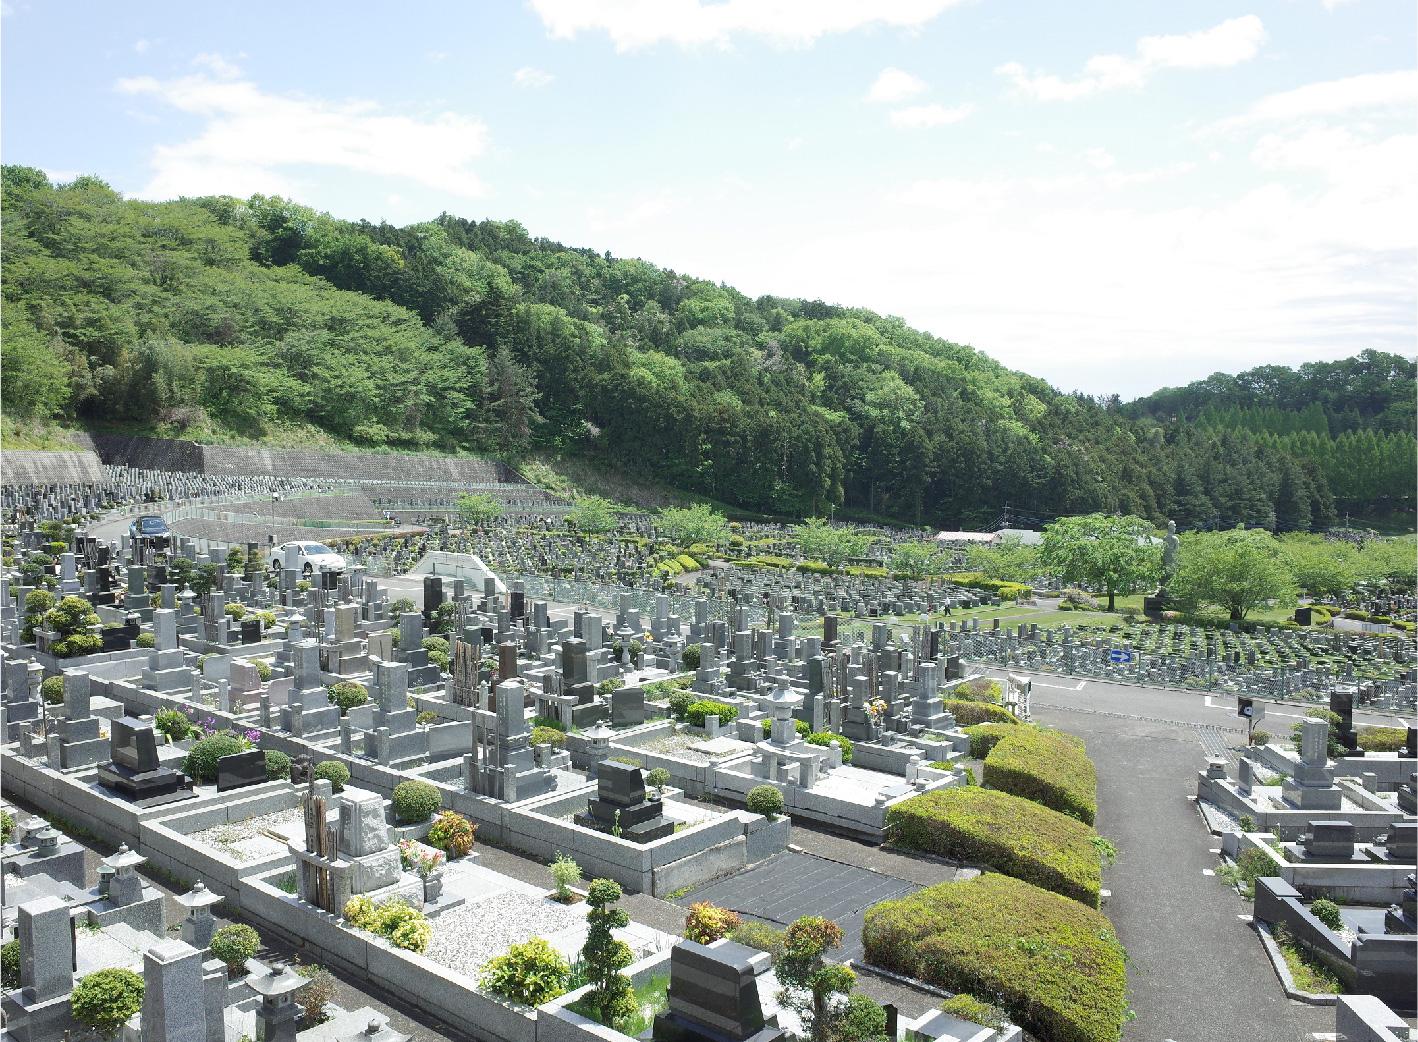 墓地の現地調査